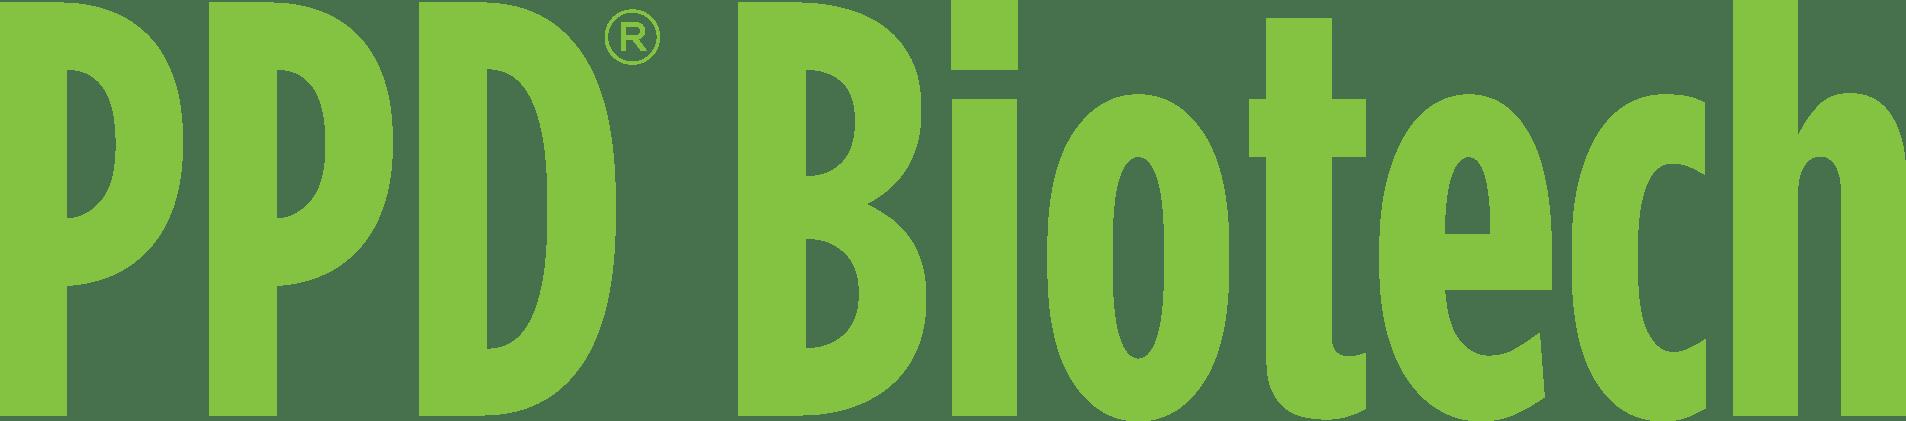 PPD biotech